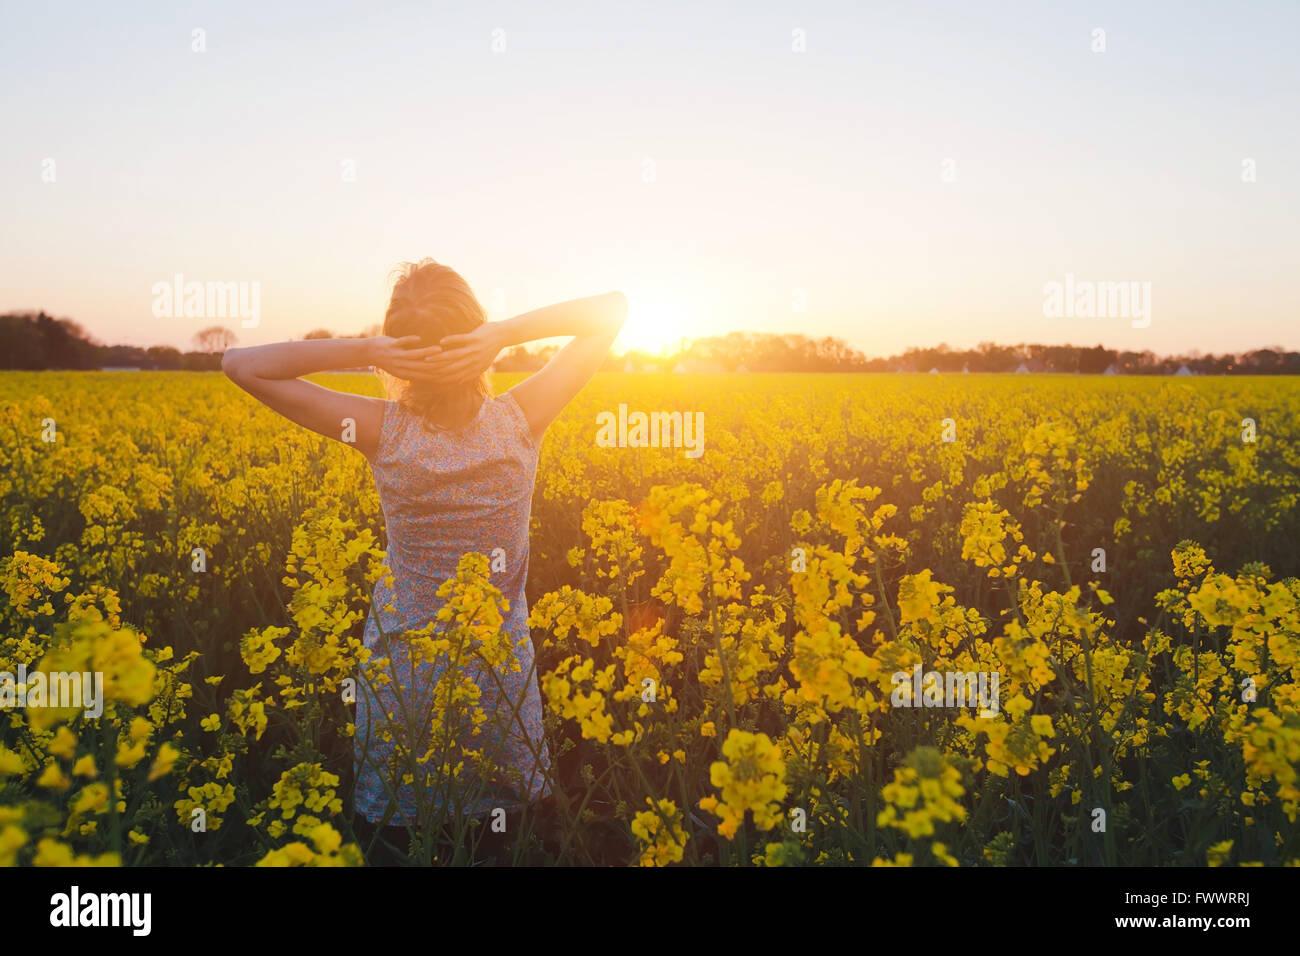 Mujer joven disfrutando del verano y la naturaleza en campo de flores amarillas al atardecer, armonía y un Imagen De Stock